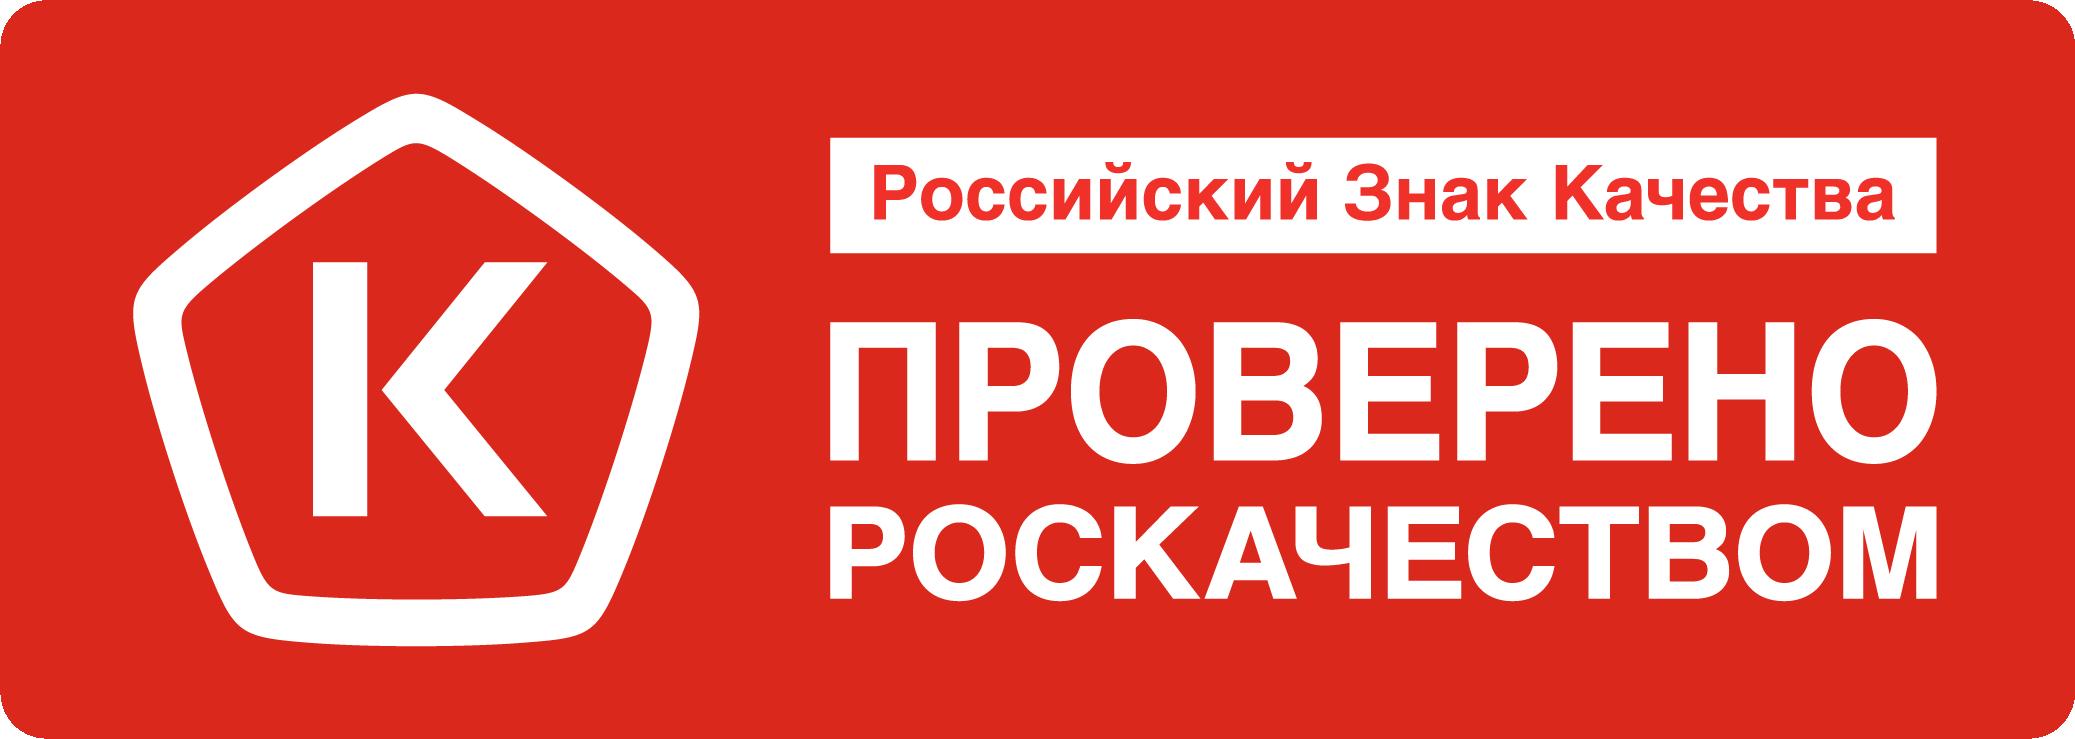 российский знак качества фото жителям удалось поймать